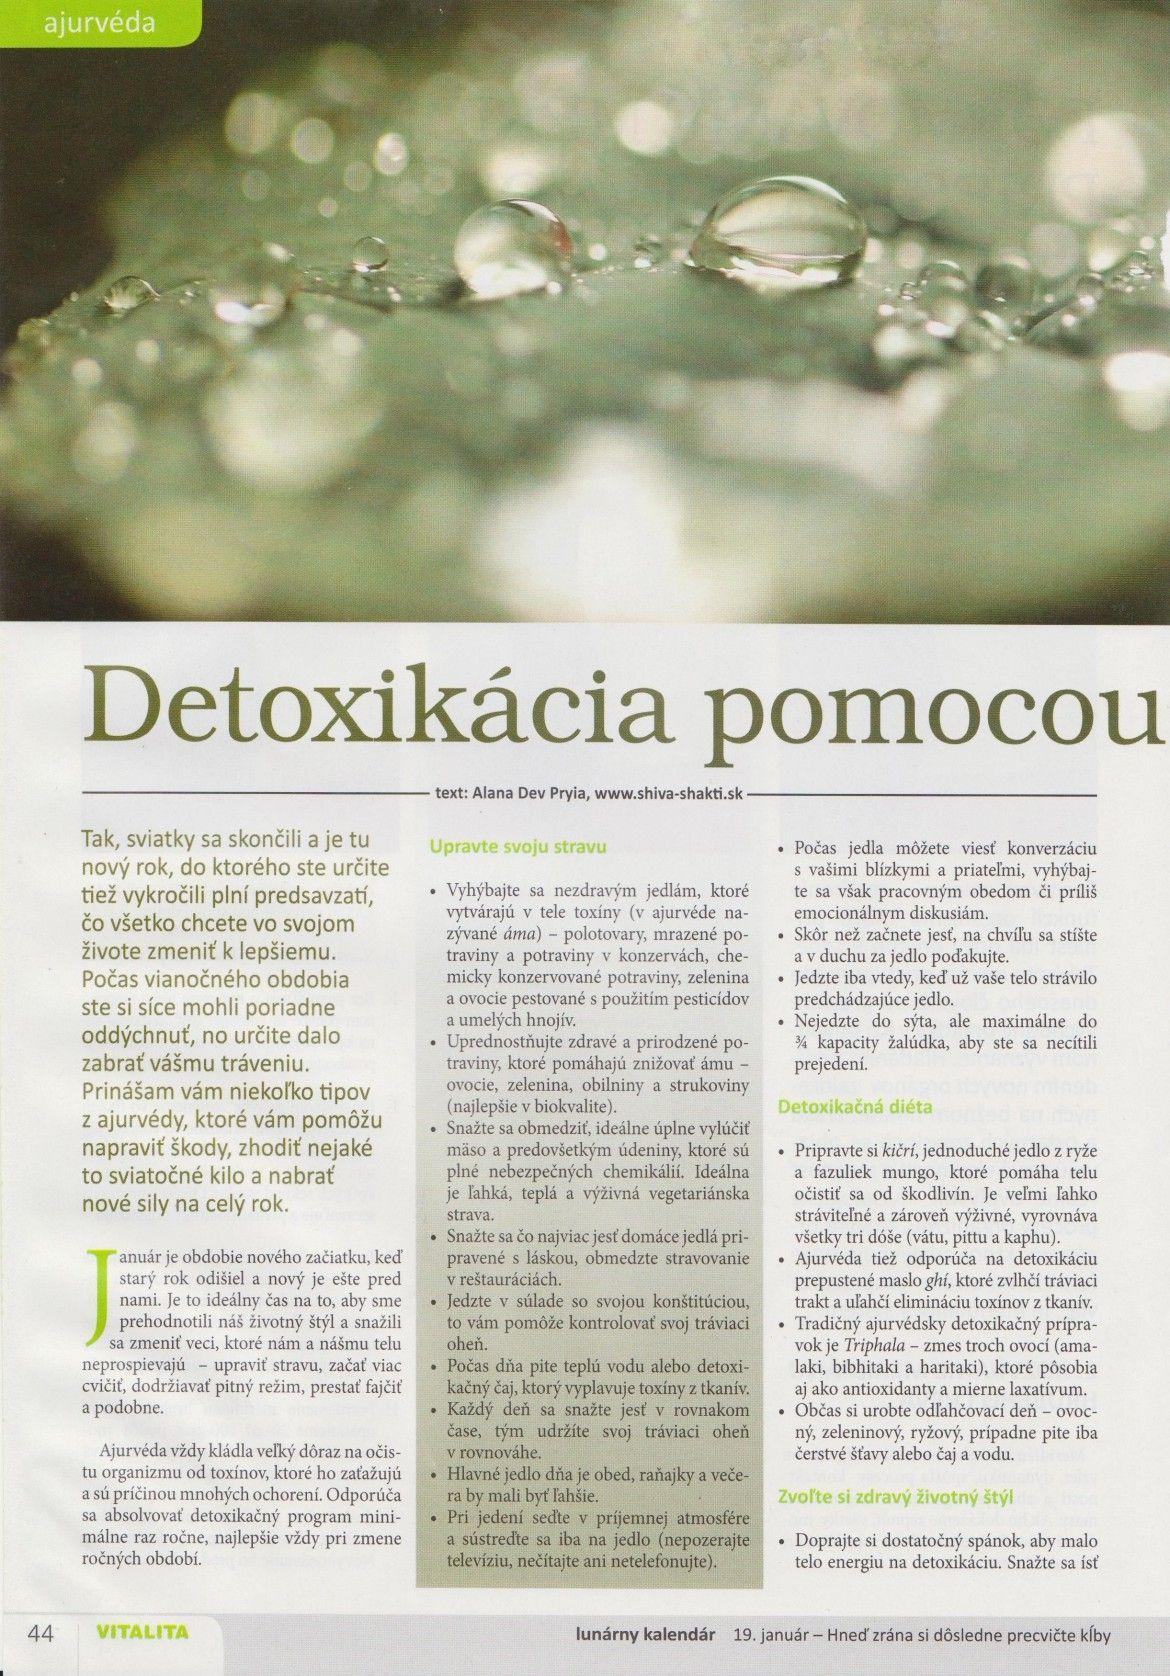 Detoxikácia pomocou ajurvédy